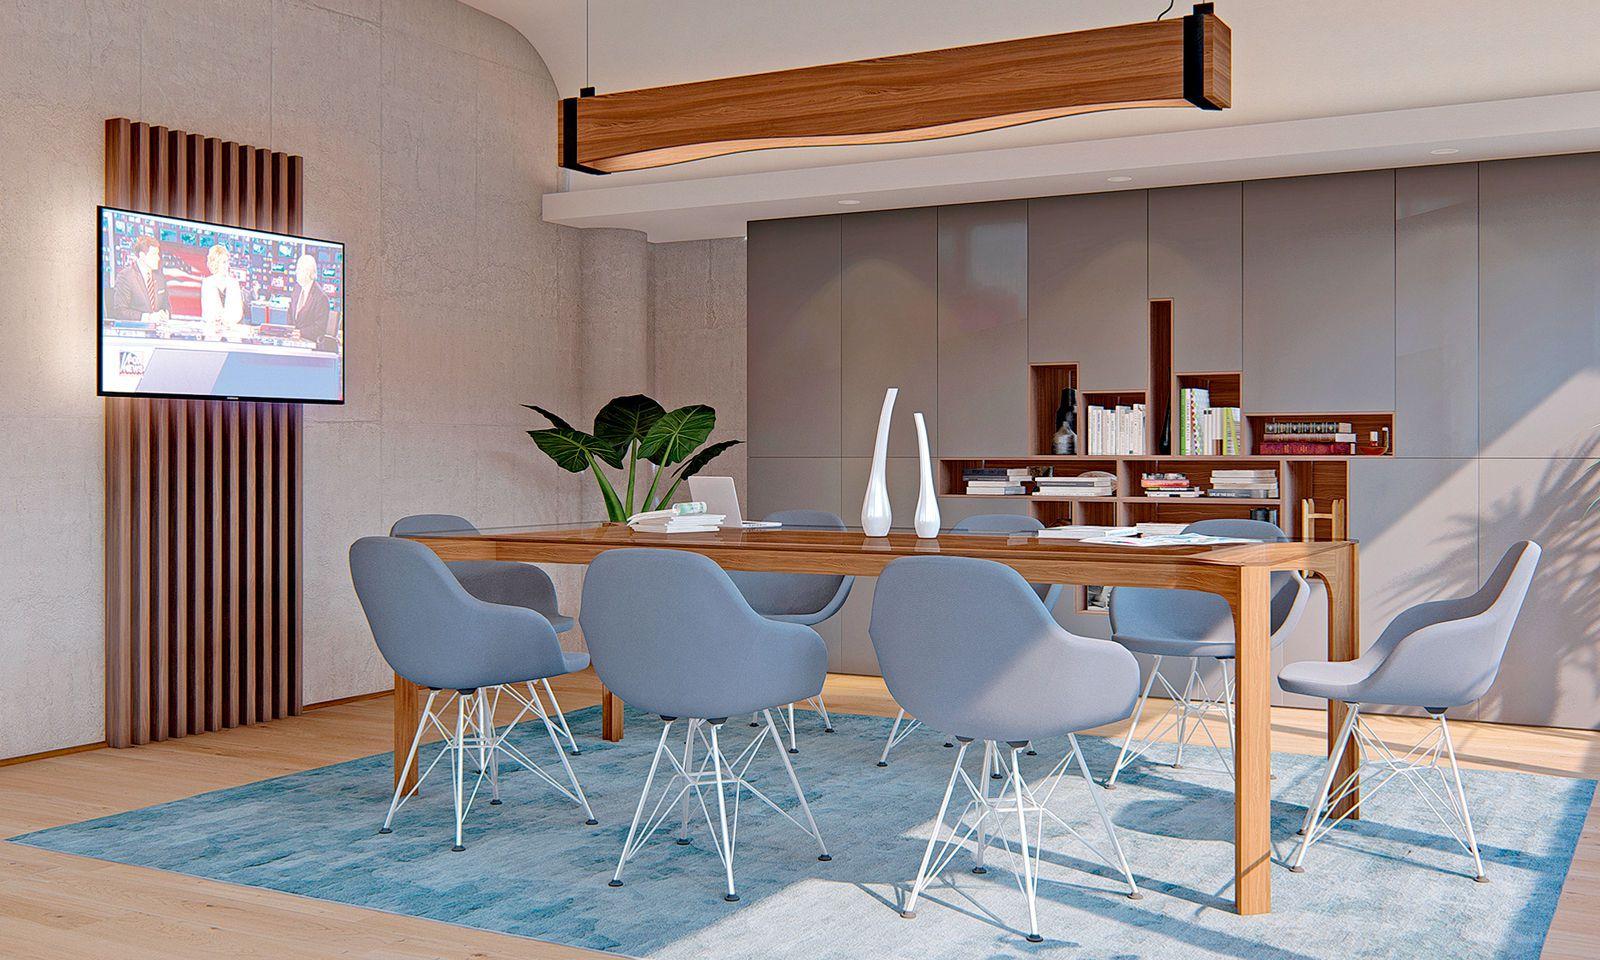 Bürokonzept aus dem Hause Ognjanovski mit hellen Farben und reduziertem Design.